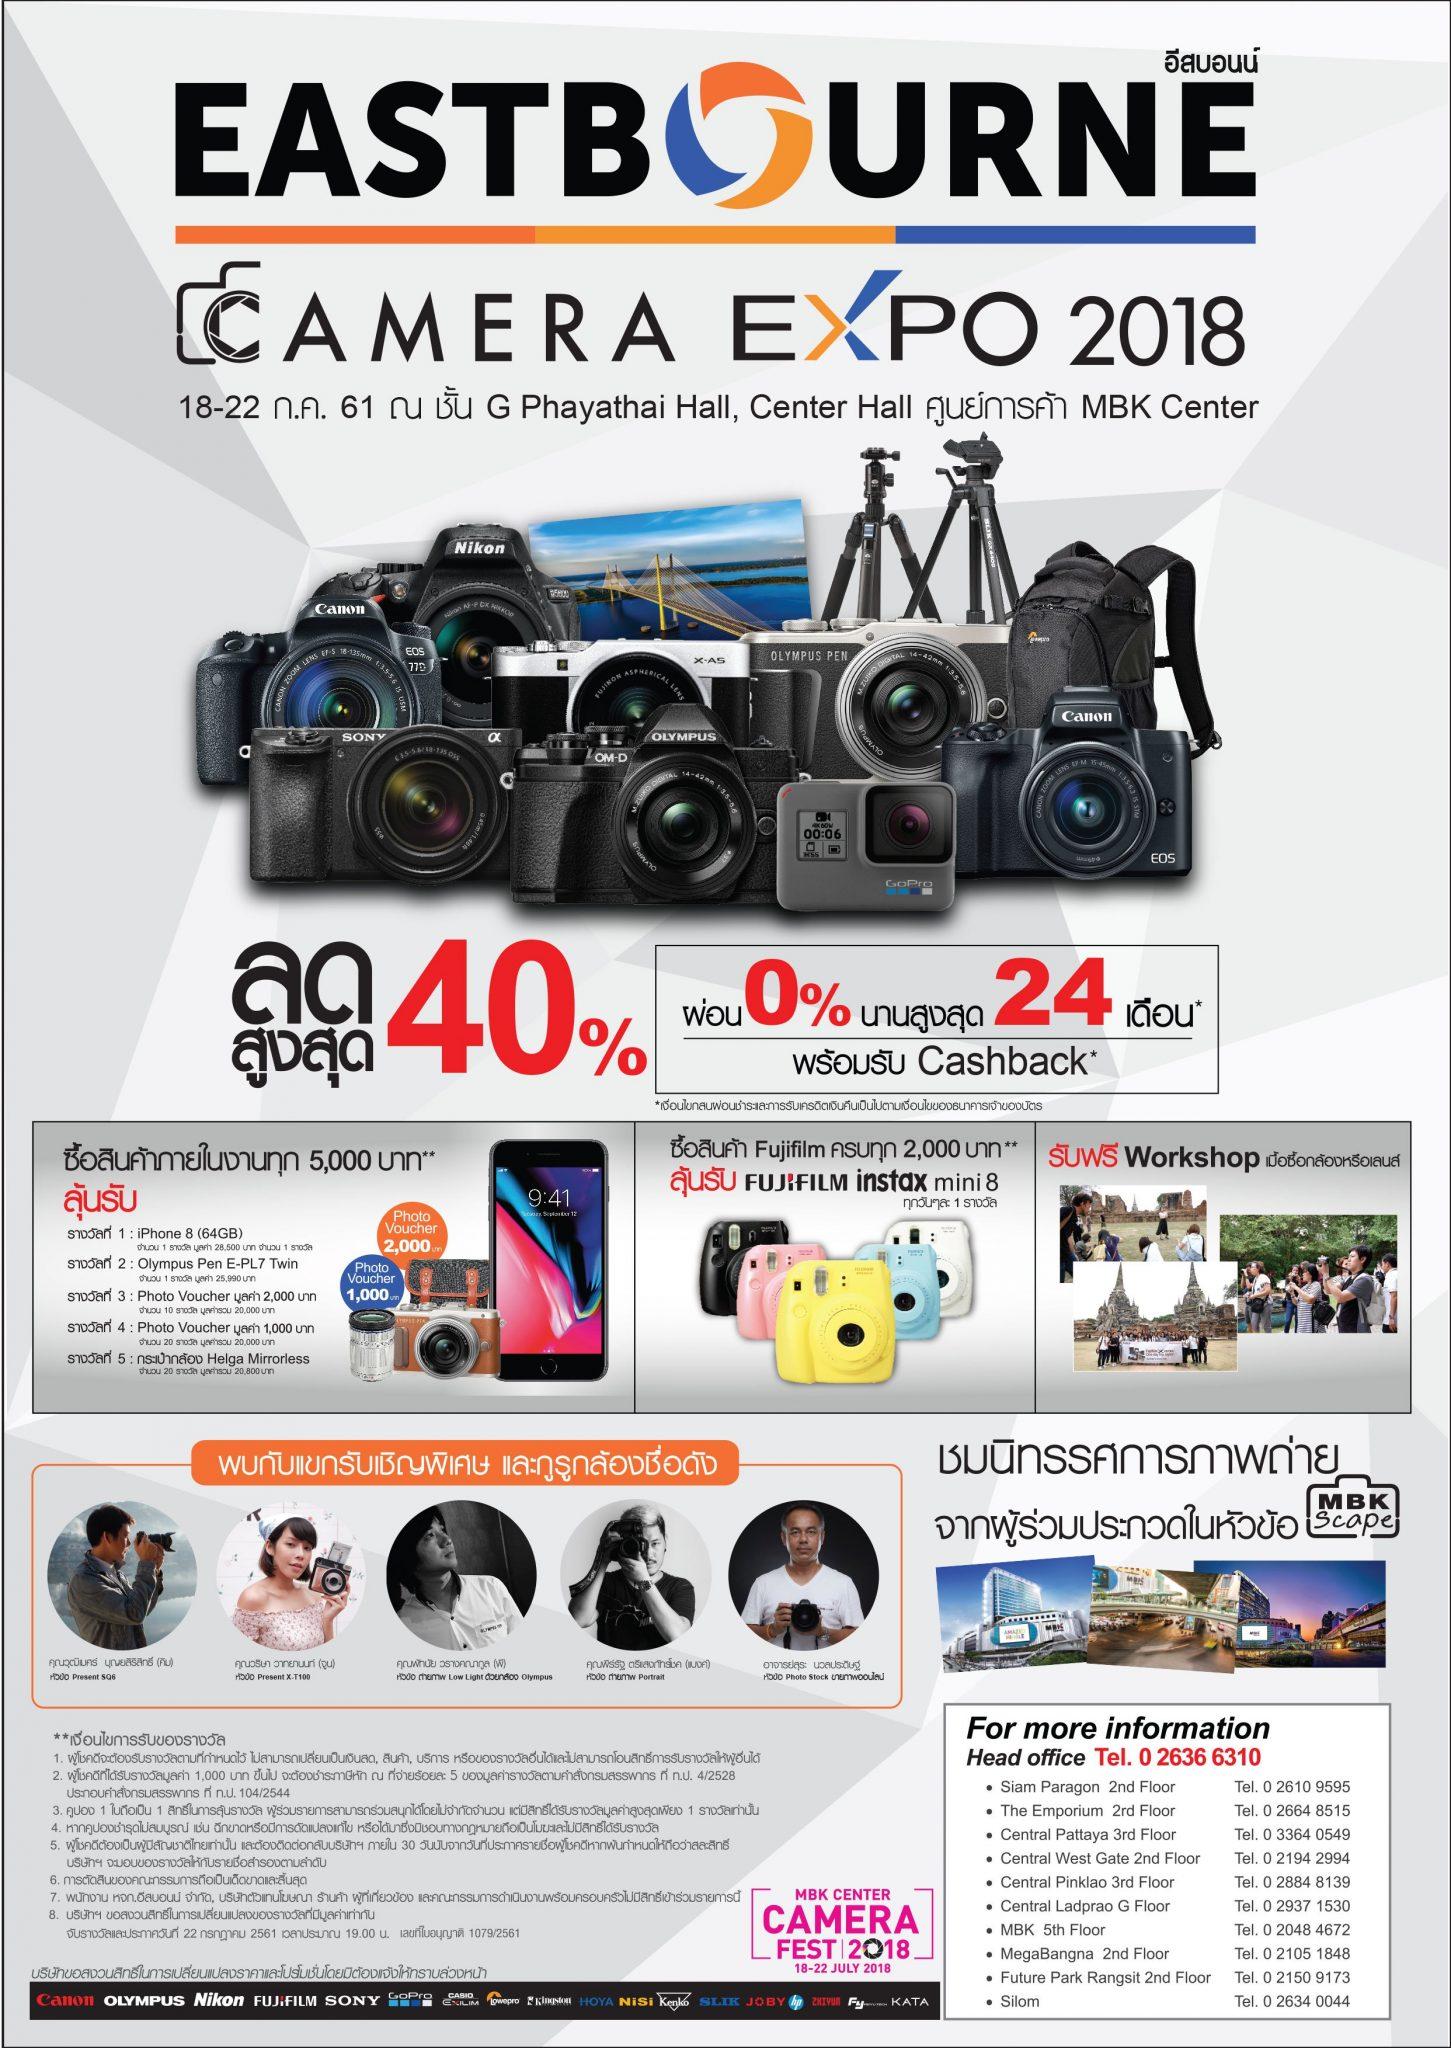 Eastbourne Camera Expo 2018 งานกล้องสุดยิ่งใหญ่แห่งปี เริ่ม 18 ก.ค. นี้ ที่ศูนย์การค้า MBK Center 2 -